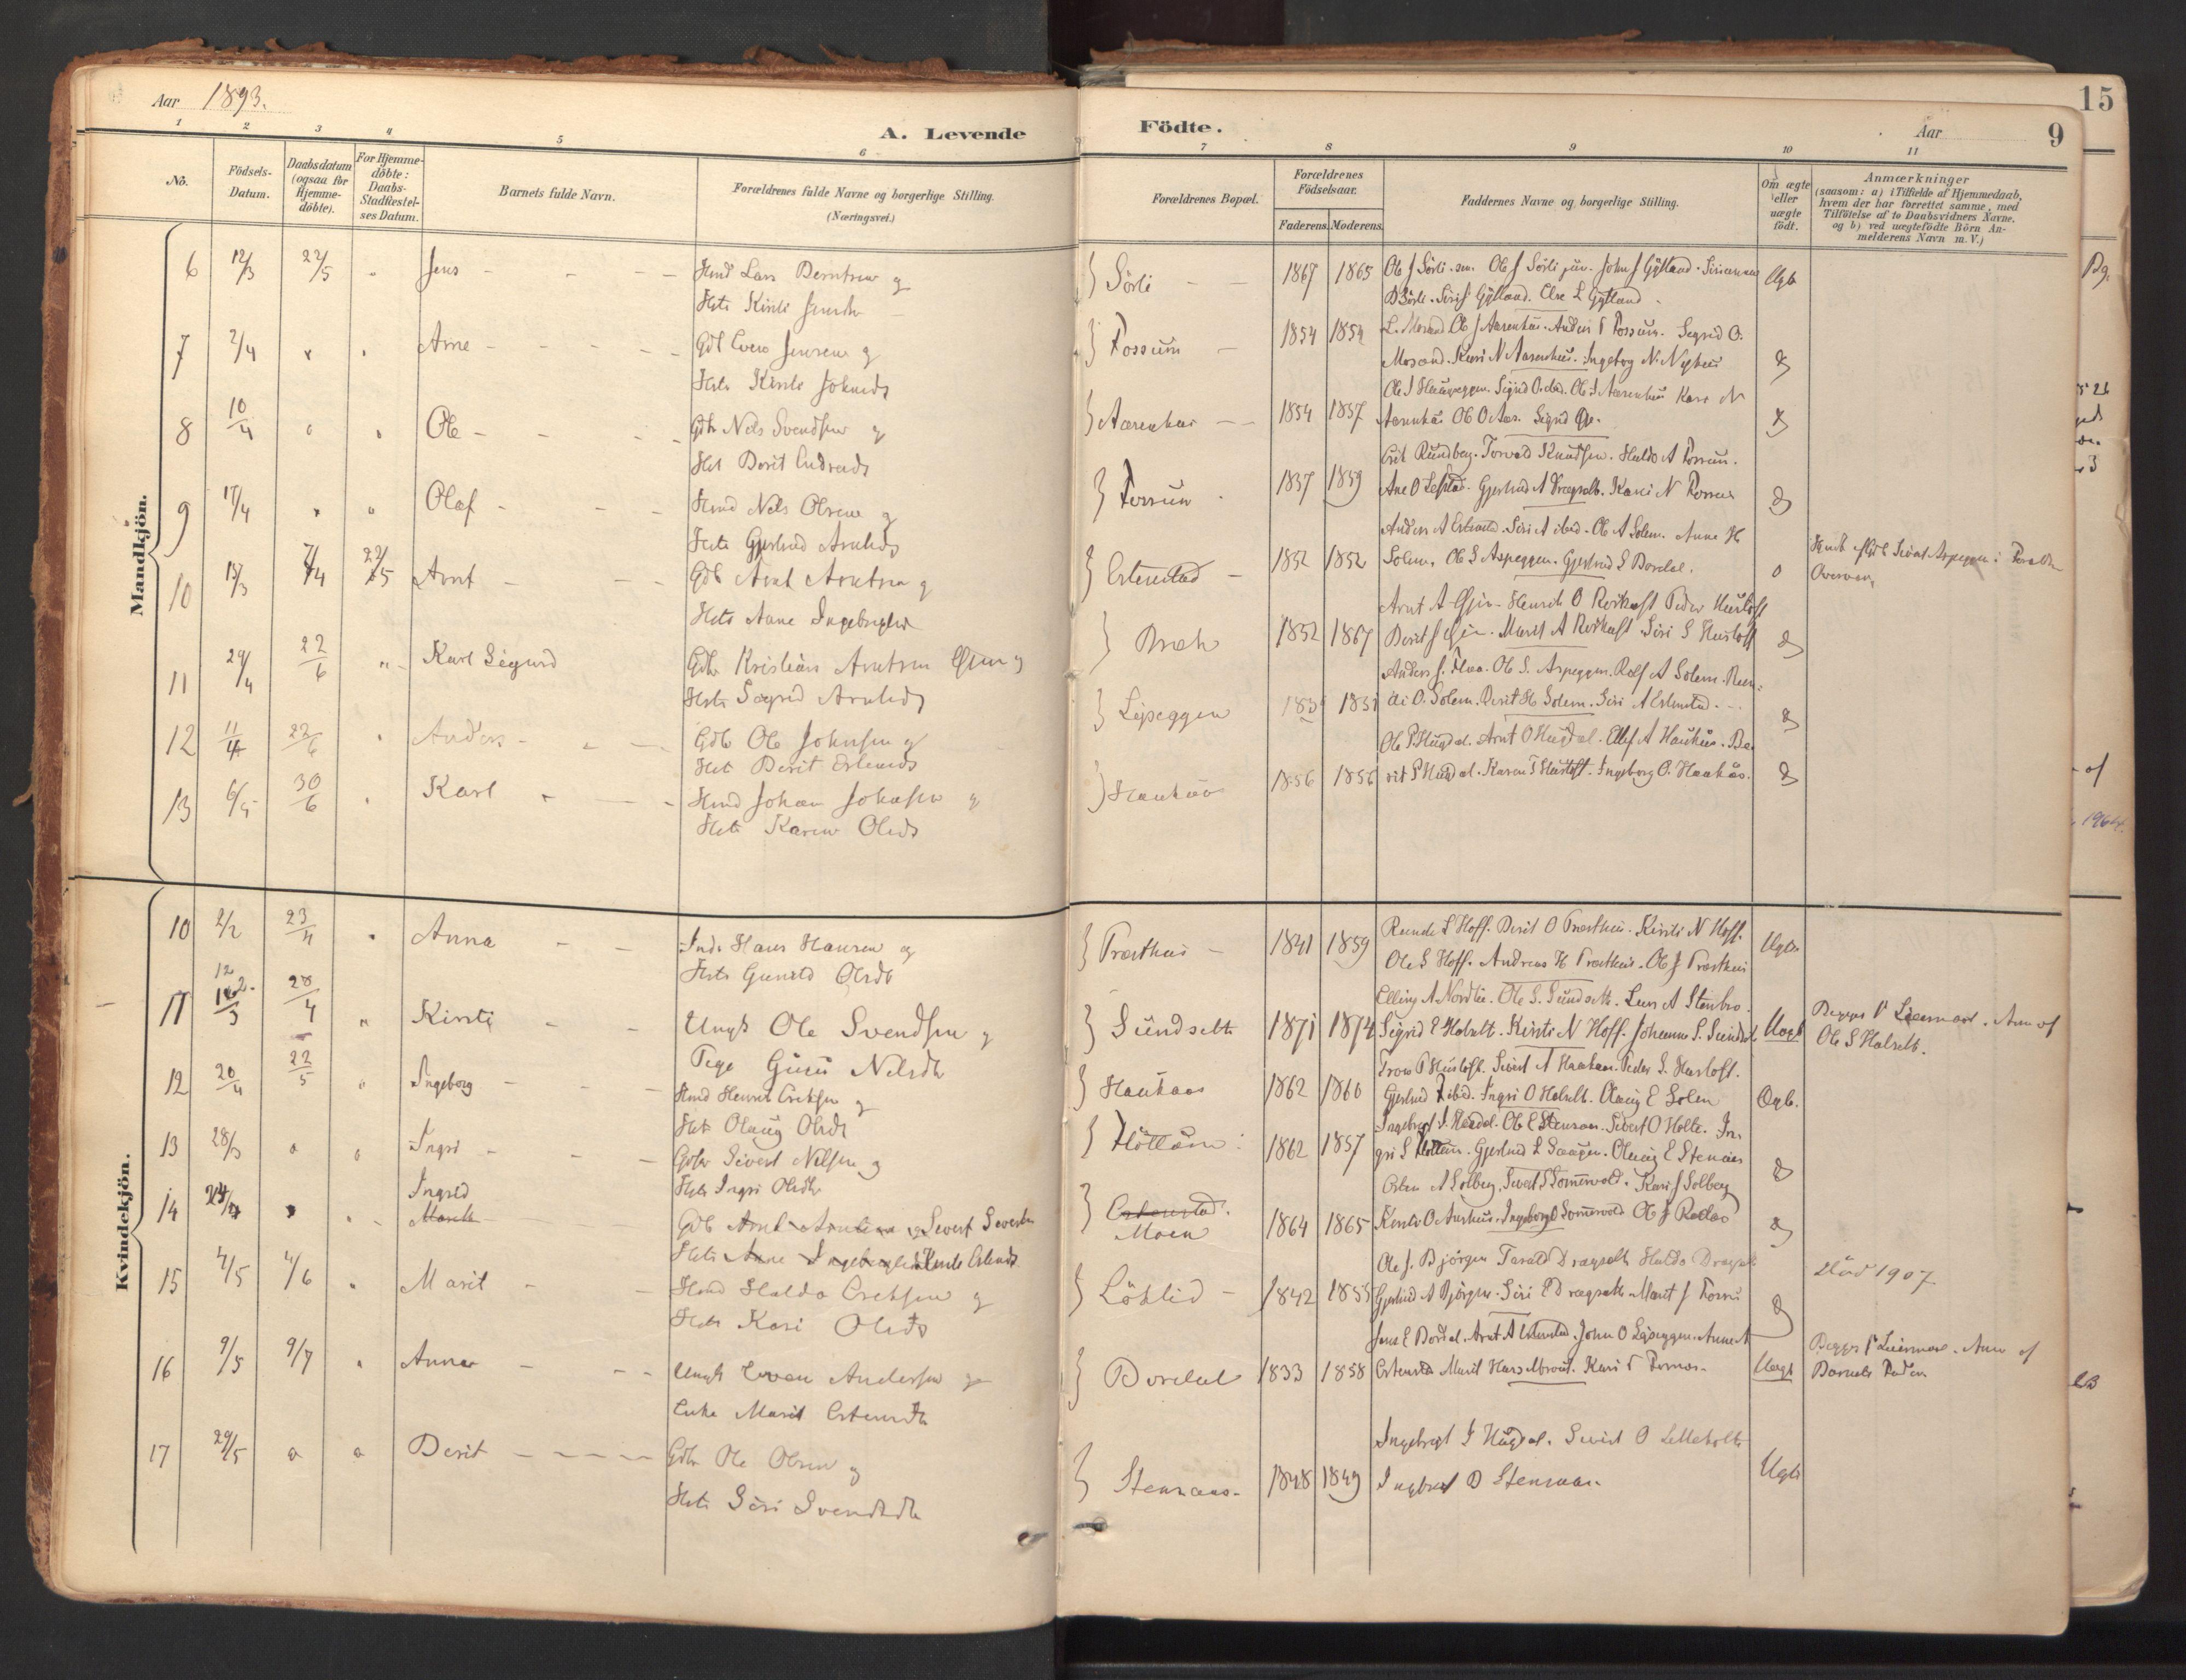 SAT, Ministerialprotokoller, klokkerbøker og fødselsregistre - Sør-Trøndelag, 689/L1041: Ministerialbok nr. 689A06, 1891-1923, s. 9